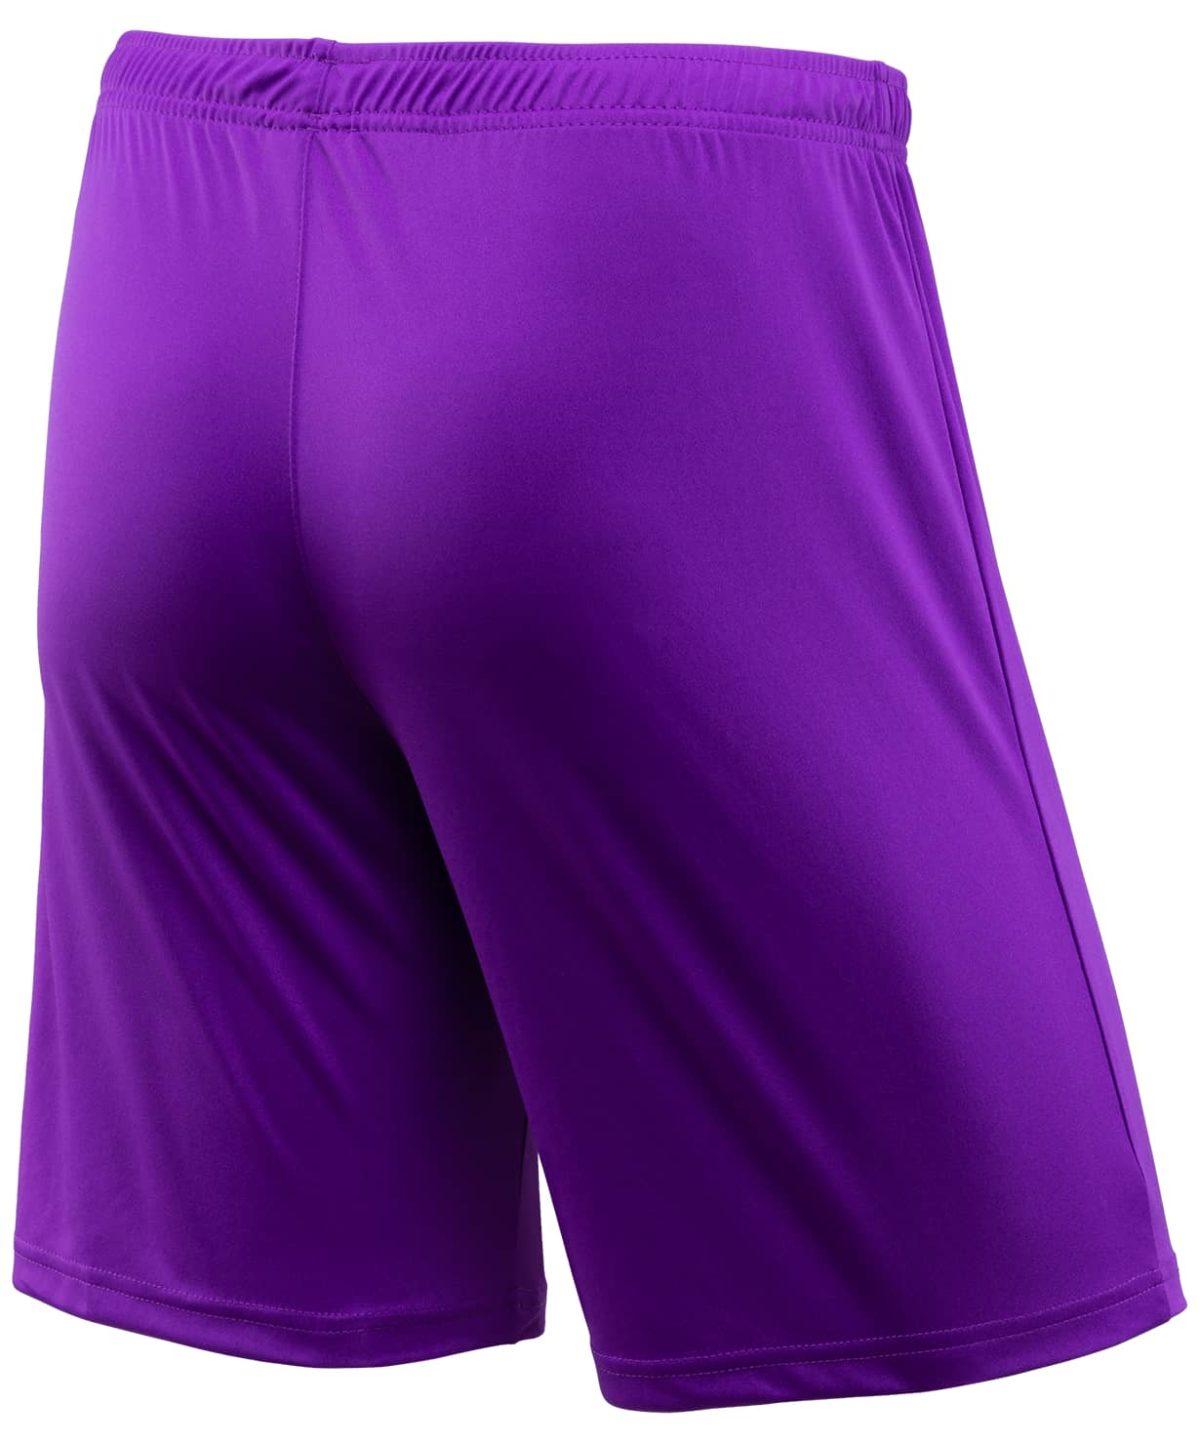 JOGEL CAMP Шорты футбольные детские, фиолетовый/белый  JFS-1120-V1-K - 2